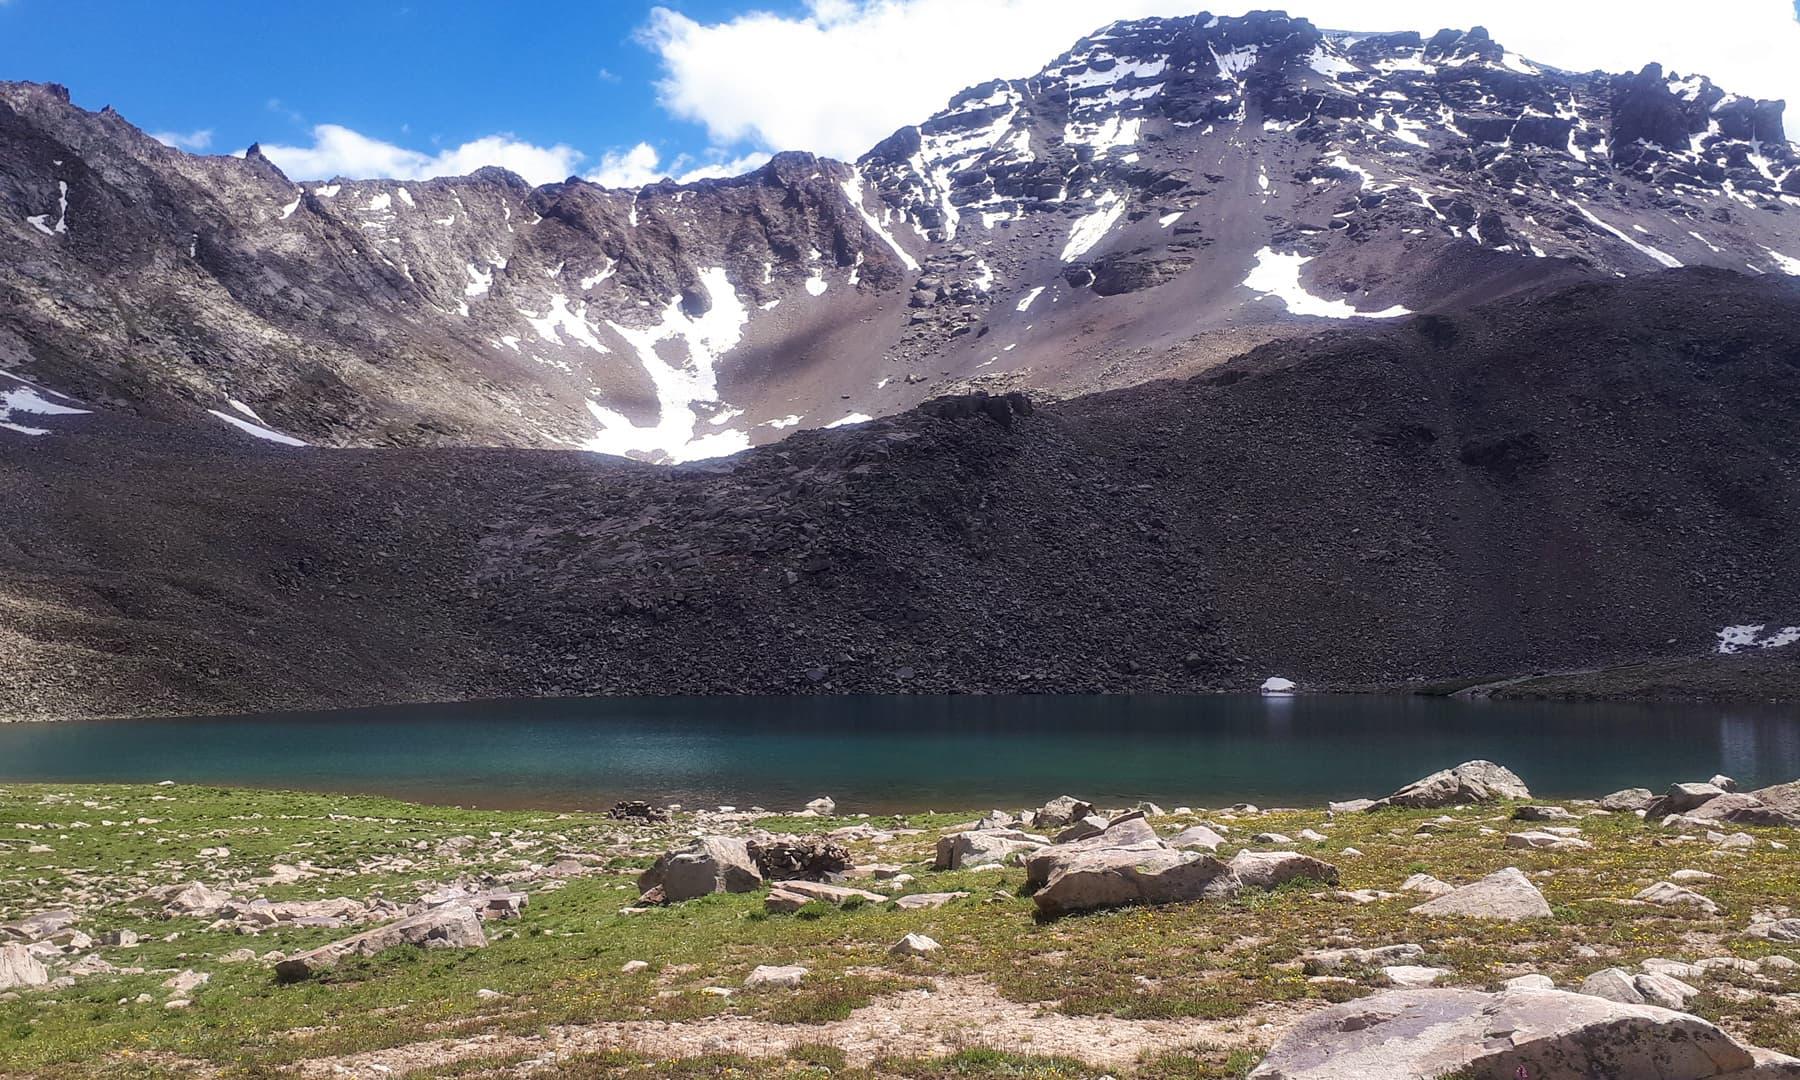 دیوسائی کے پہاڑ اور بیچ میں موجود خوبصورت کوشک تھنگ جھیل